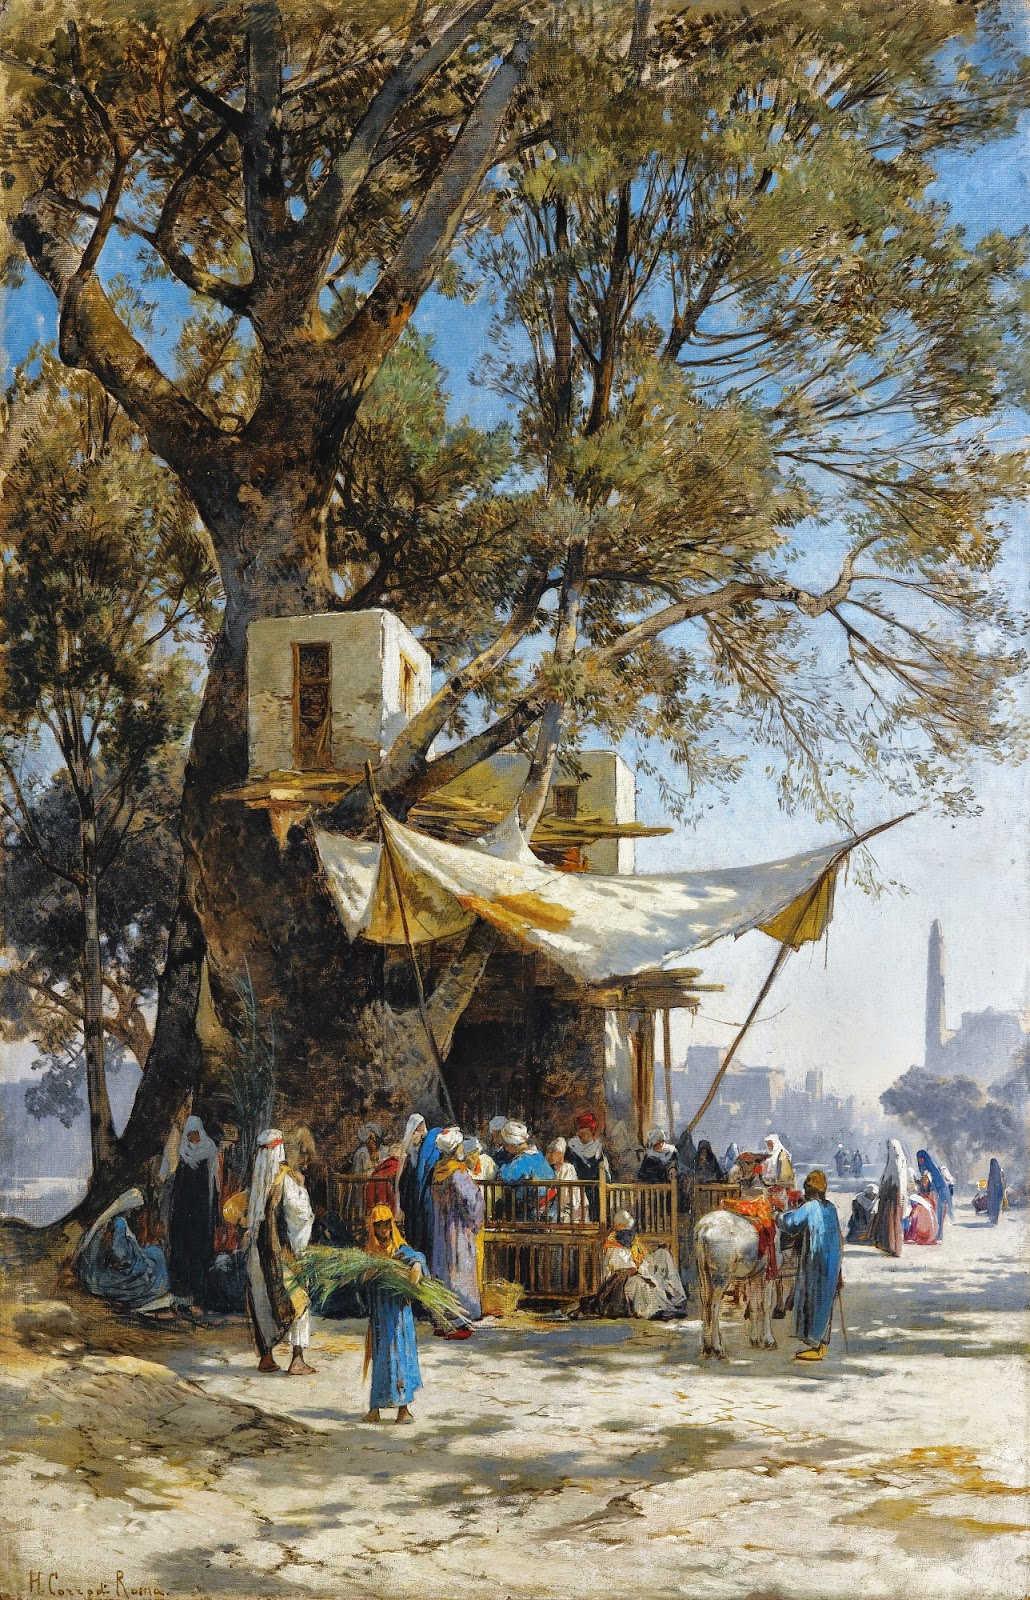 لوحات نادرة مصر بعيون Hermann Corrodi   - مجموعة ثانية